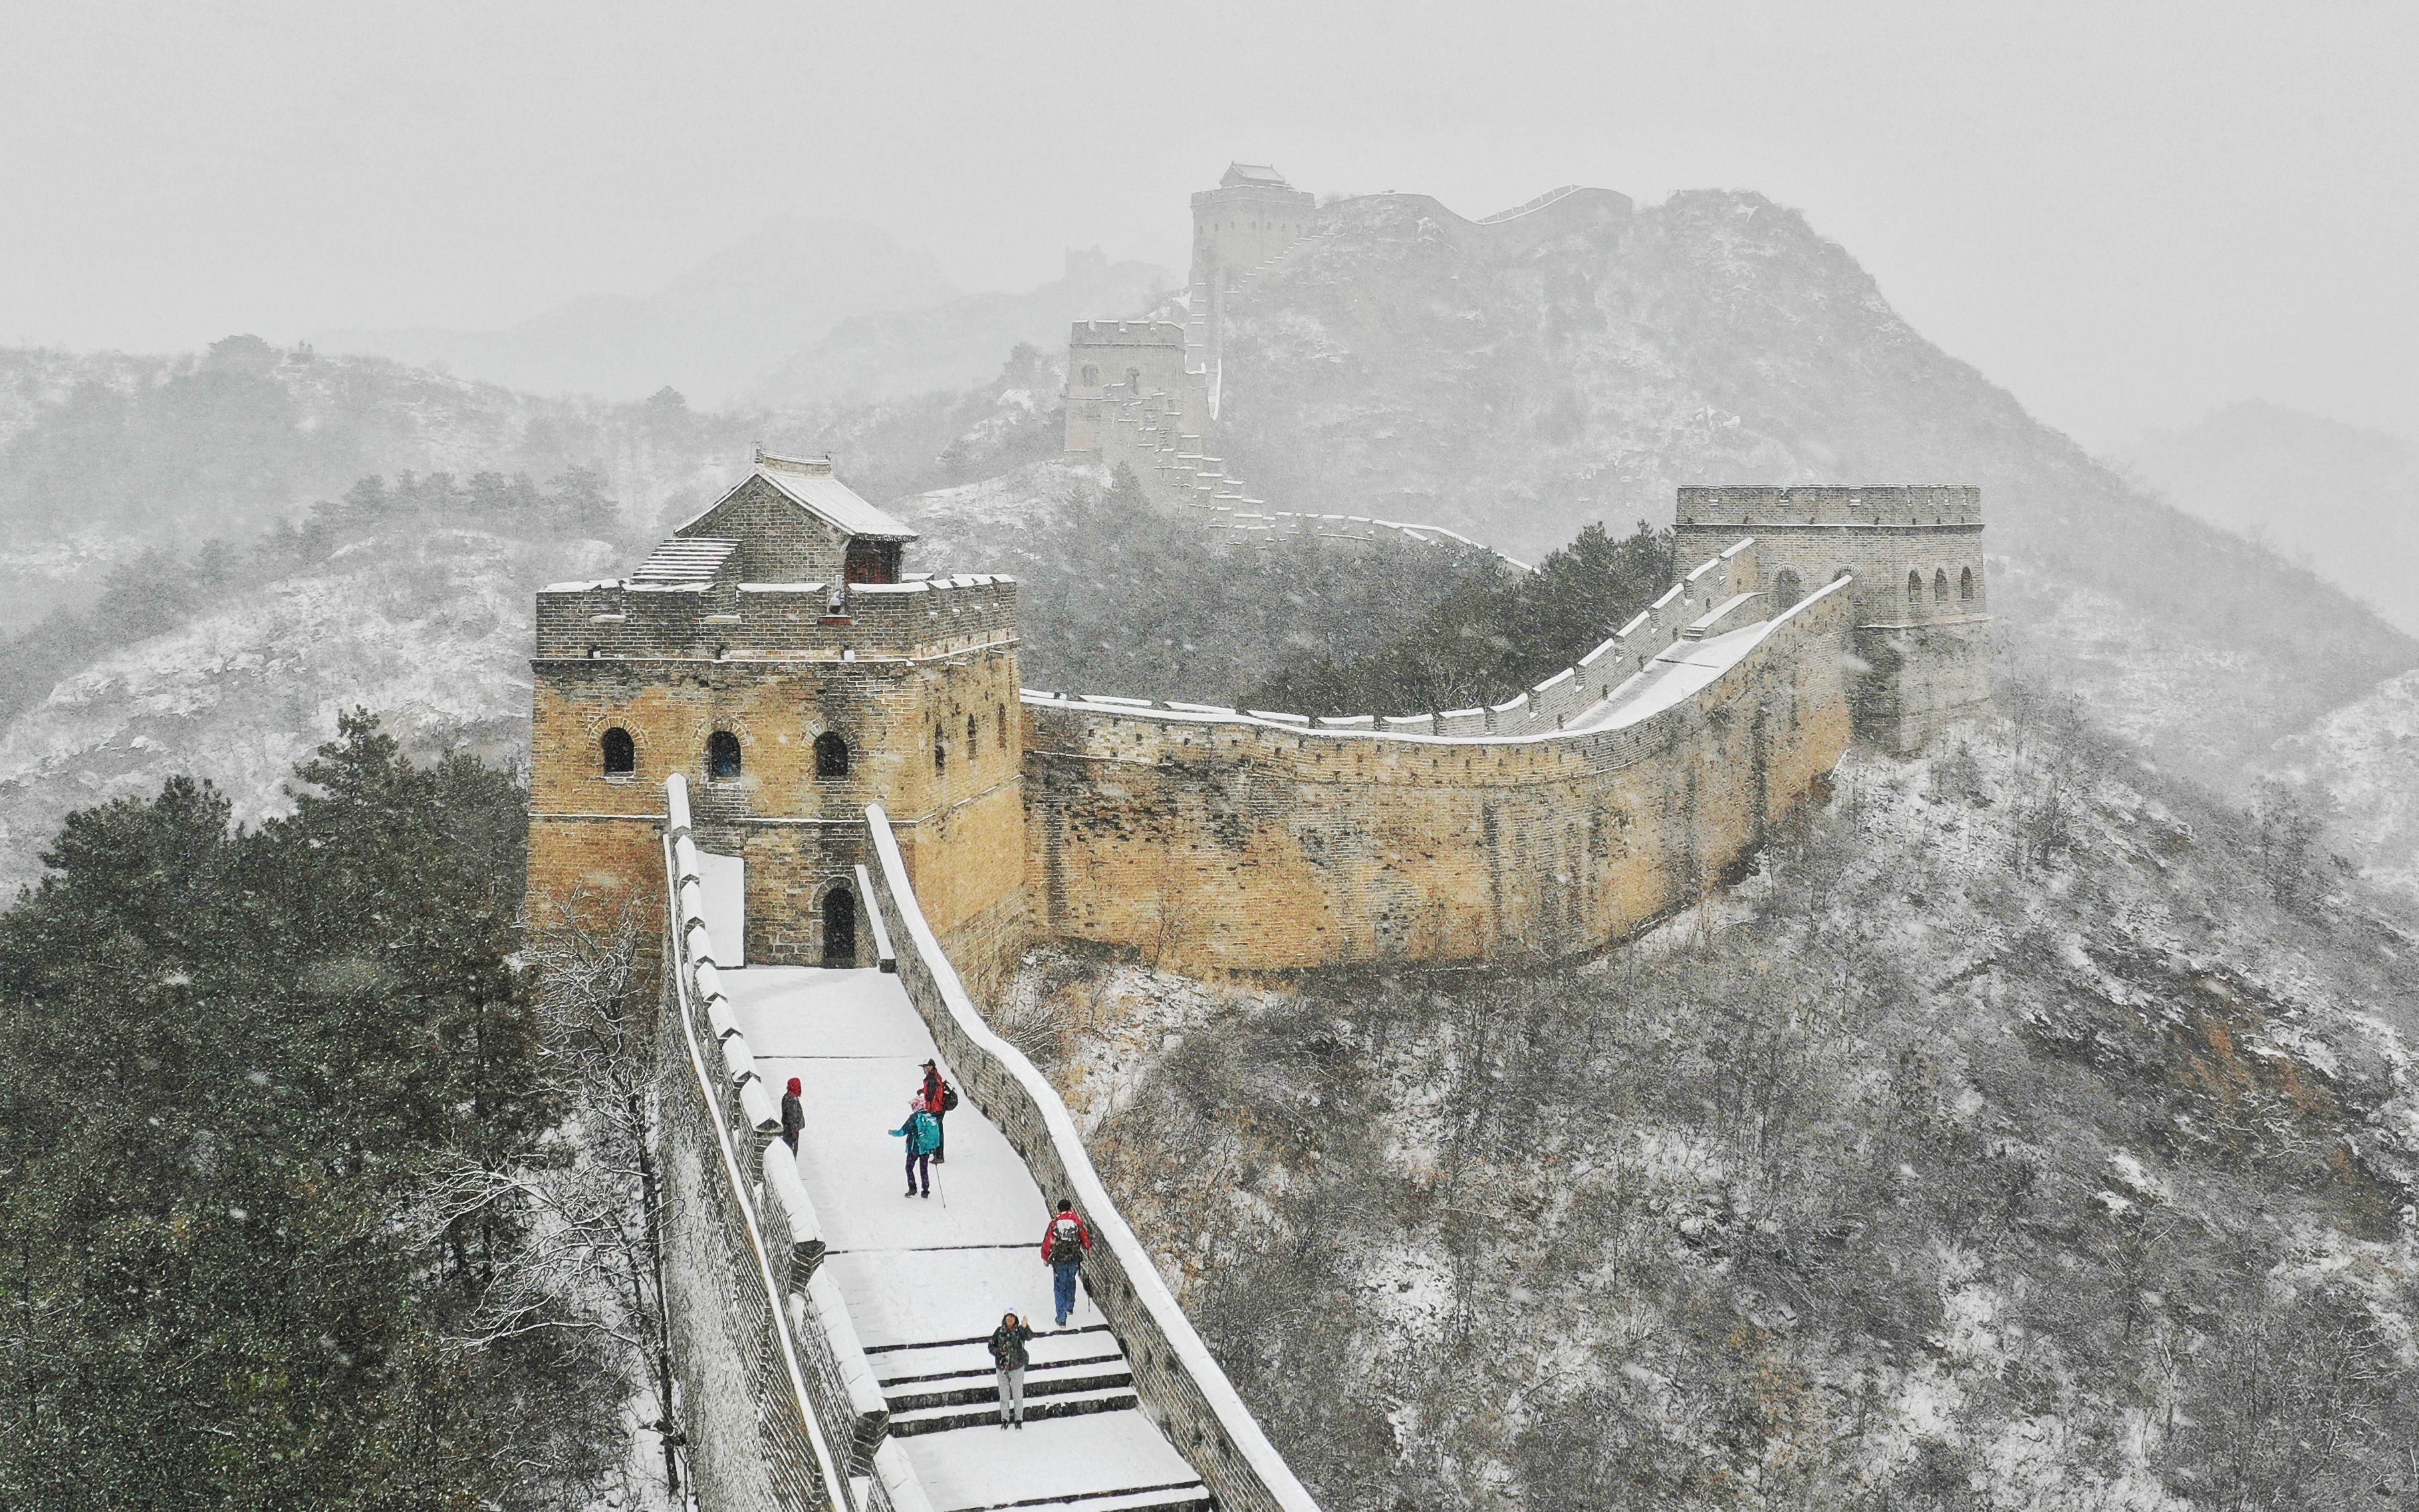 北京初雪最全图集来了!一文看遍城里城外 最新热点 第31张